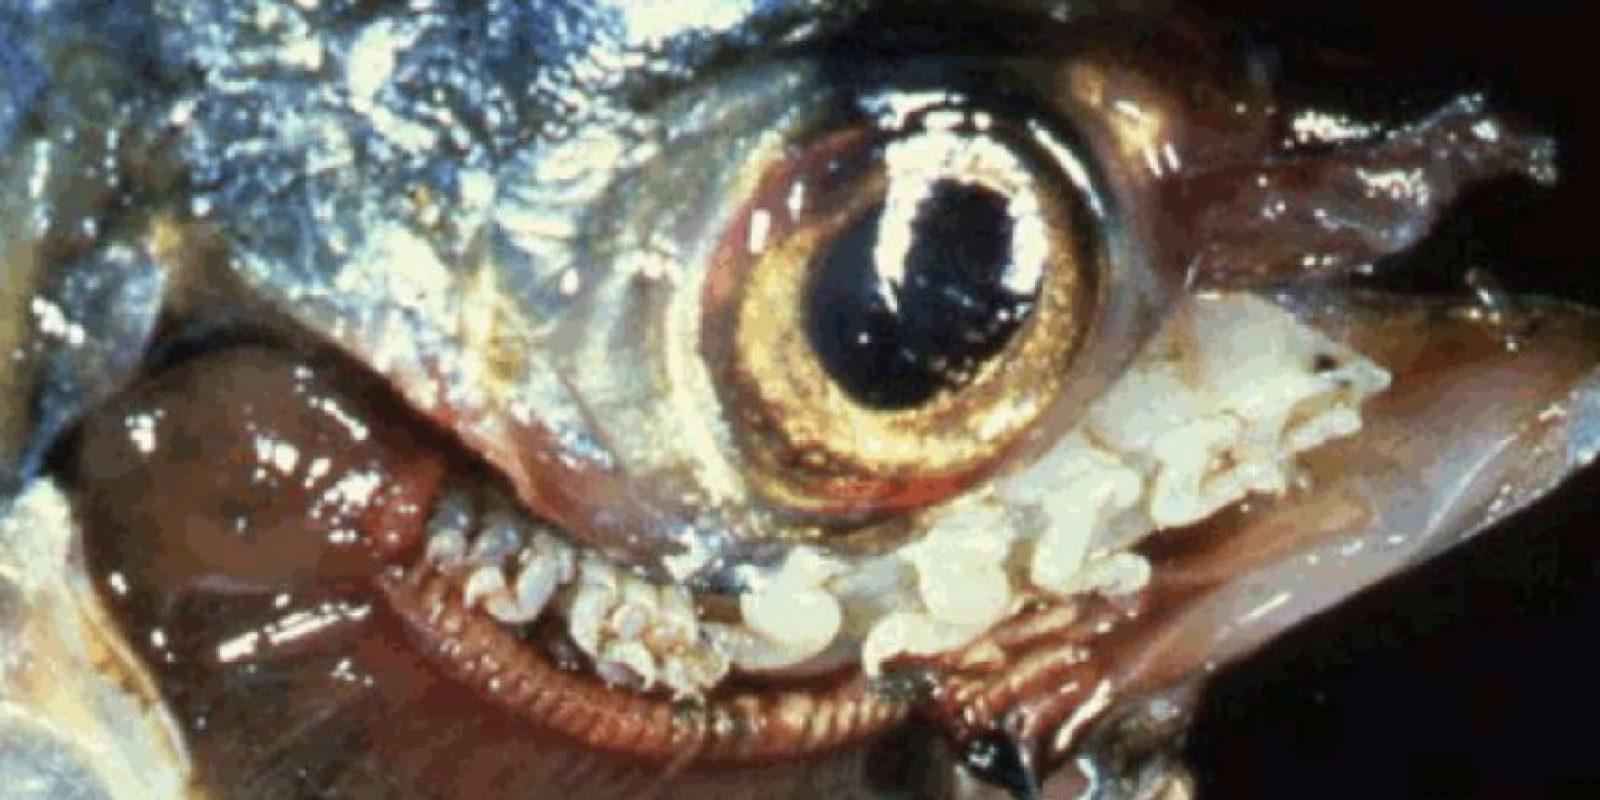 Es un parásito que vive en las lenguas de los peces. Bebe la sangre de esta parte de su cuerpo y la desintegra. Foto:vía RealMonstruosities